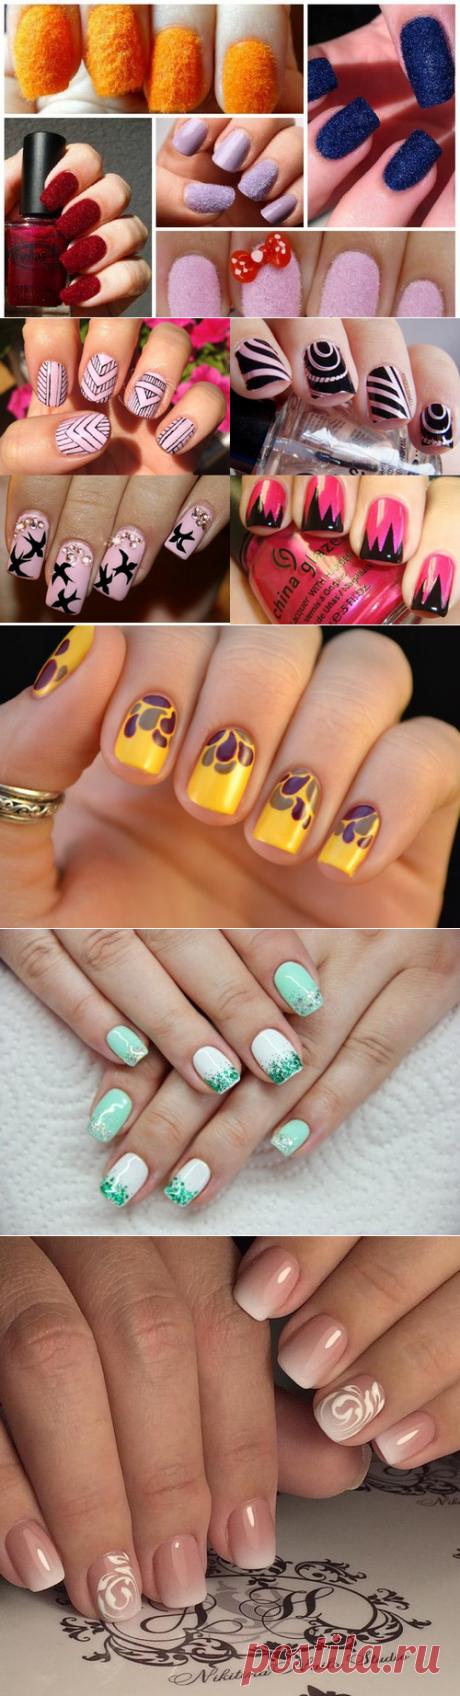 Самый красивый маникюр на короткие и длинные ногти - модные тренды, идеи, фото